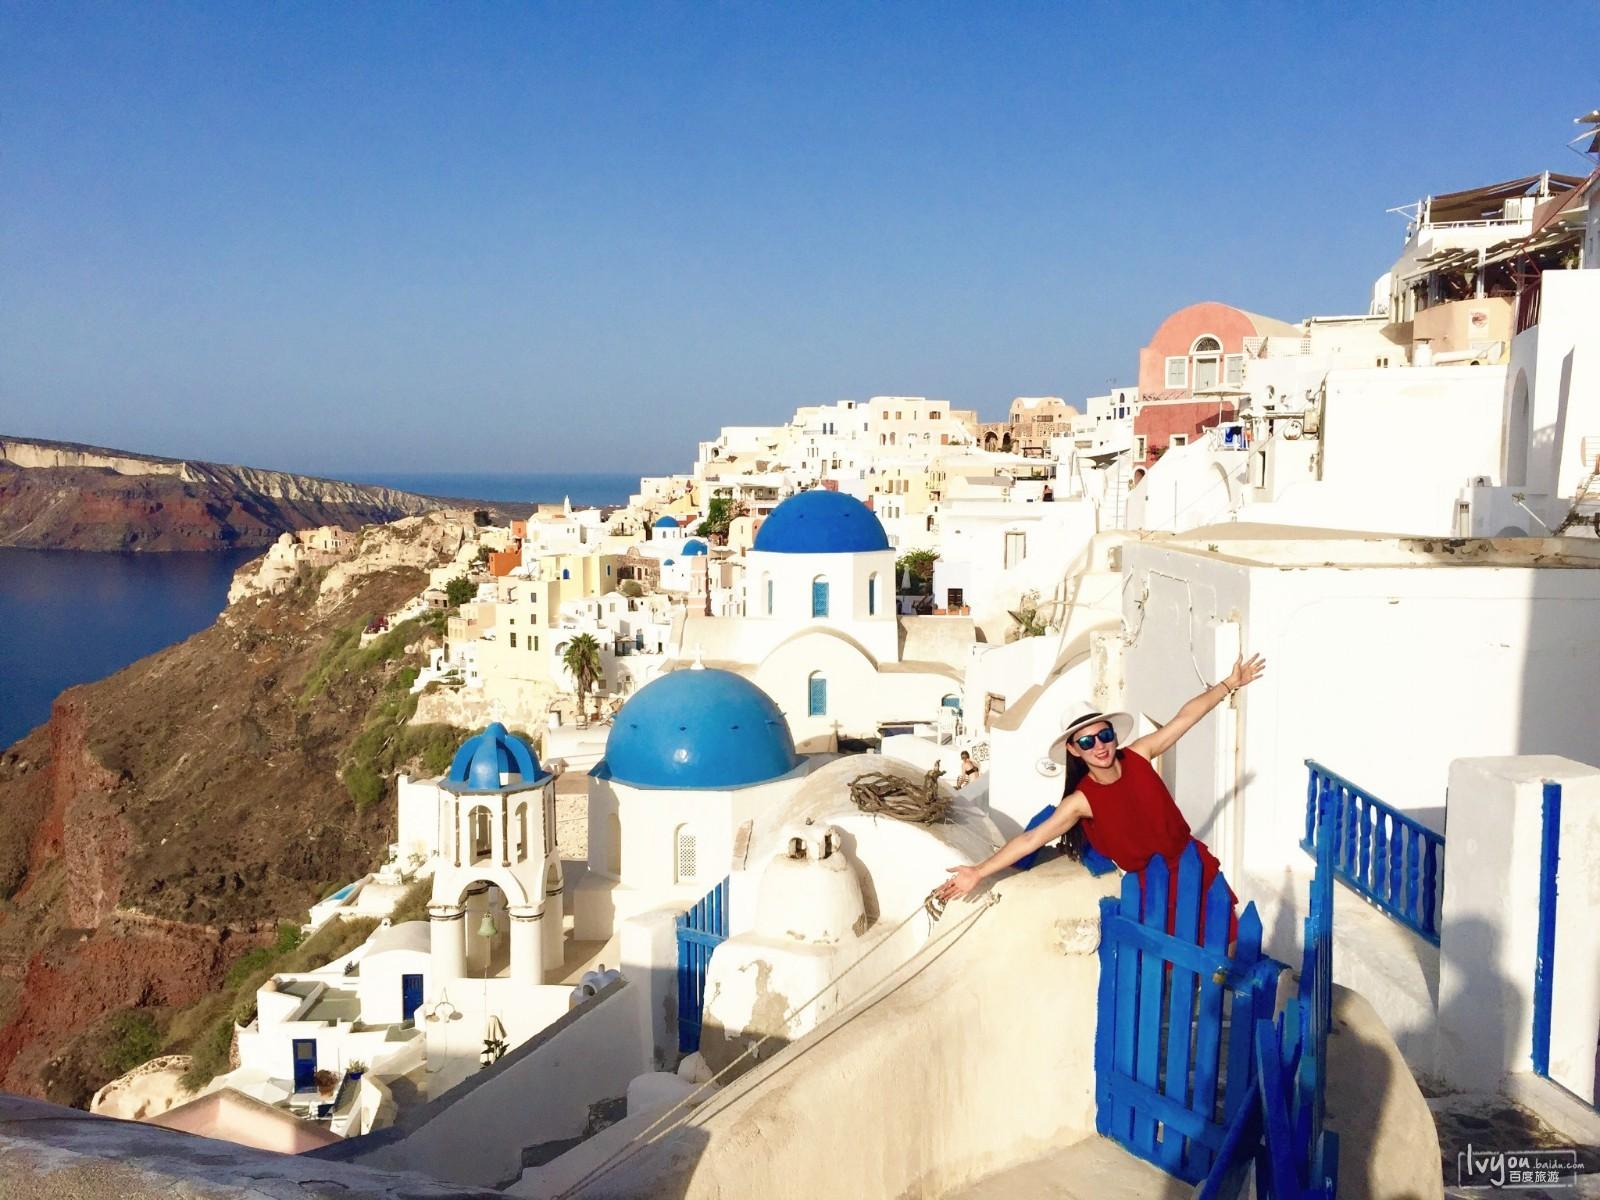 两个自驾欧洲女生热情西班牙&浪漫希腊,一次说走就走的出行上海攻略旅行国庆图片